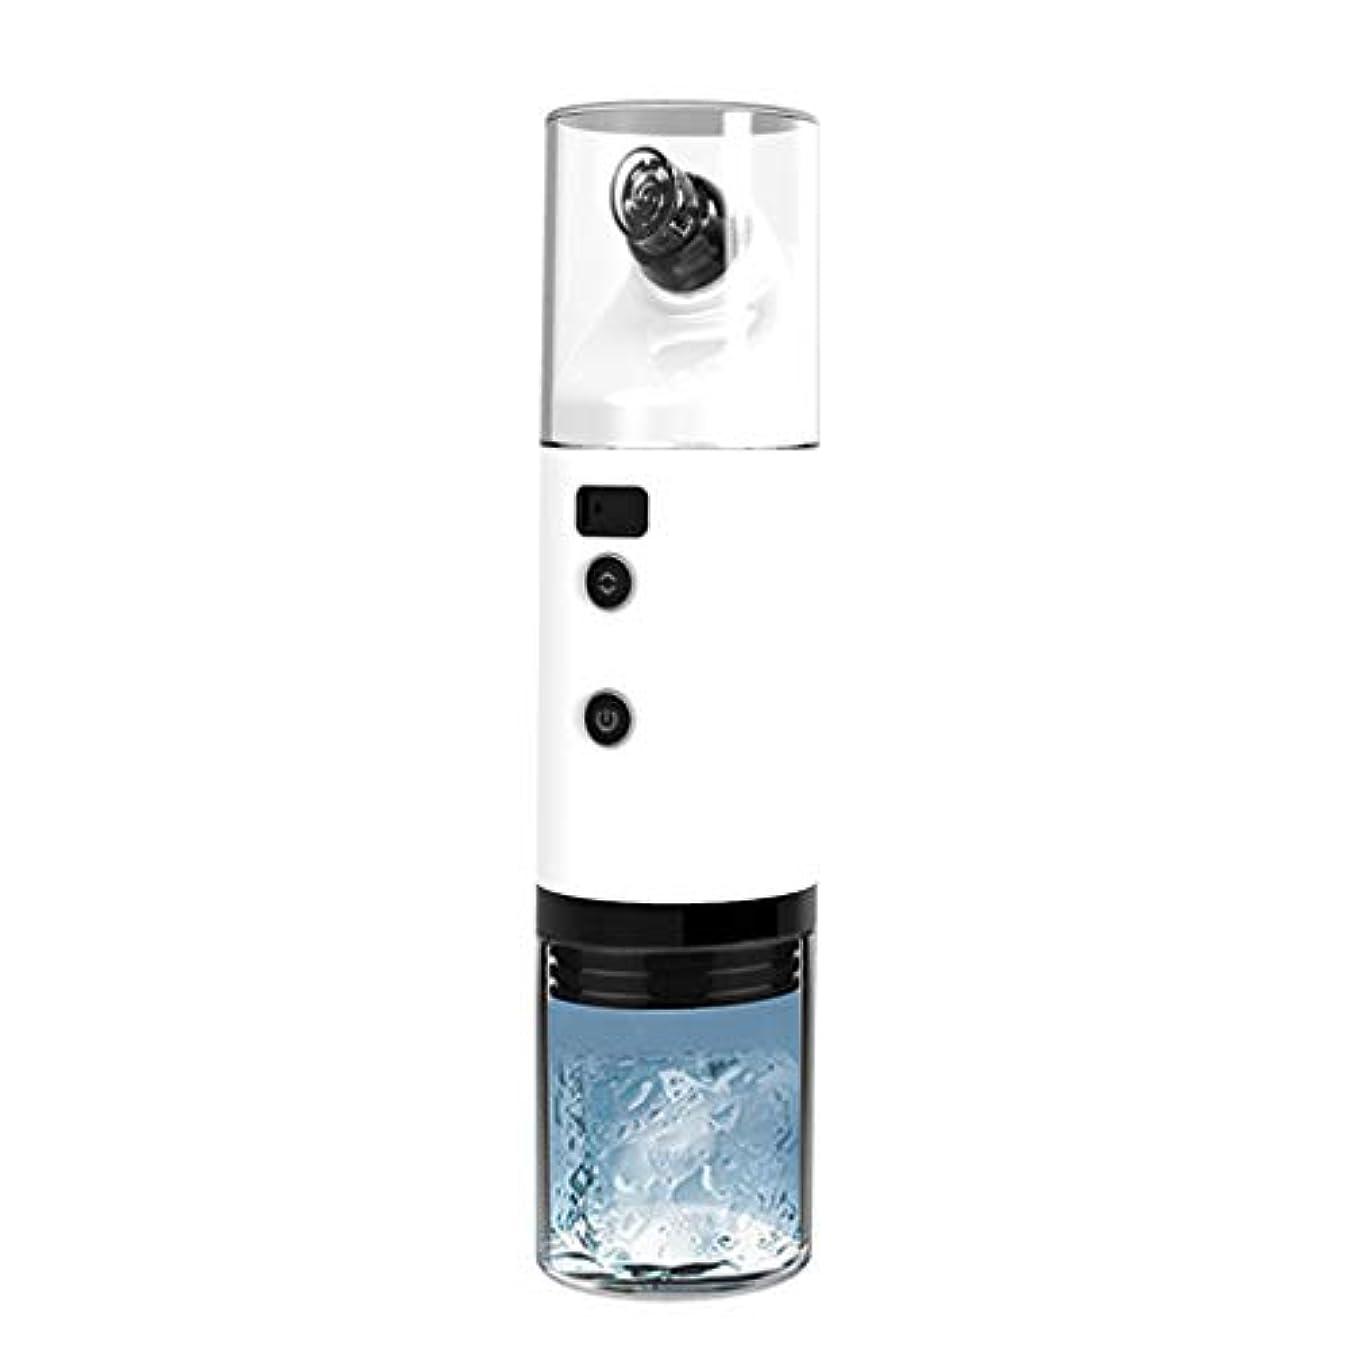 にきび掃除機きれいな水の循環吸引にきび毛穴にきび毛穴洗顔フェイシャルスキンケア機